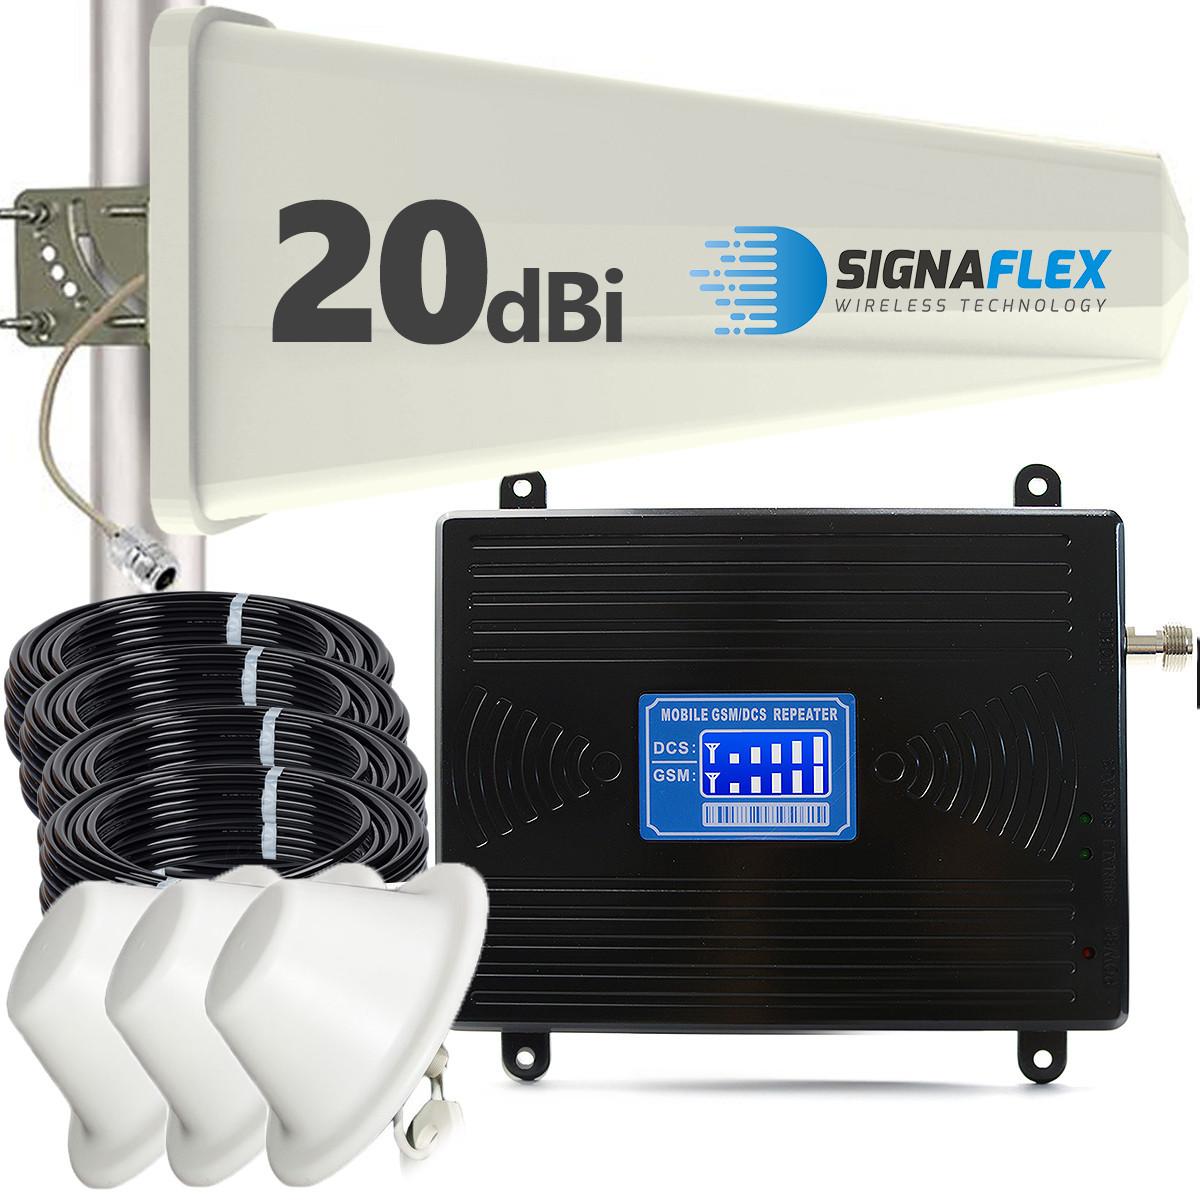 Komplet GSM/DCS LCD2000 Tajfun z 3x grzybek